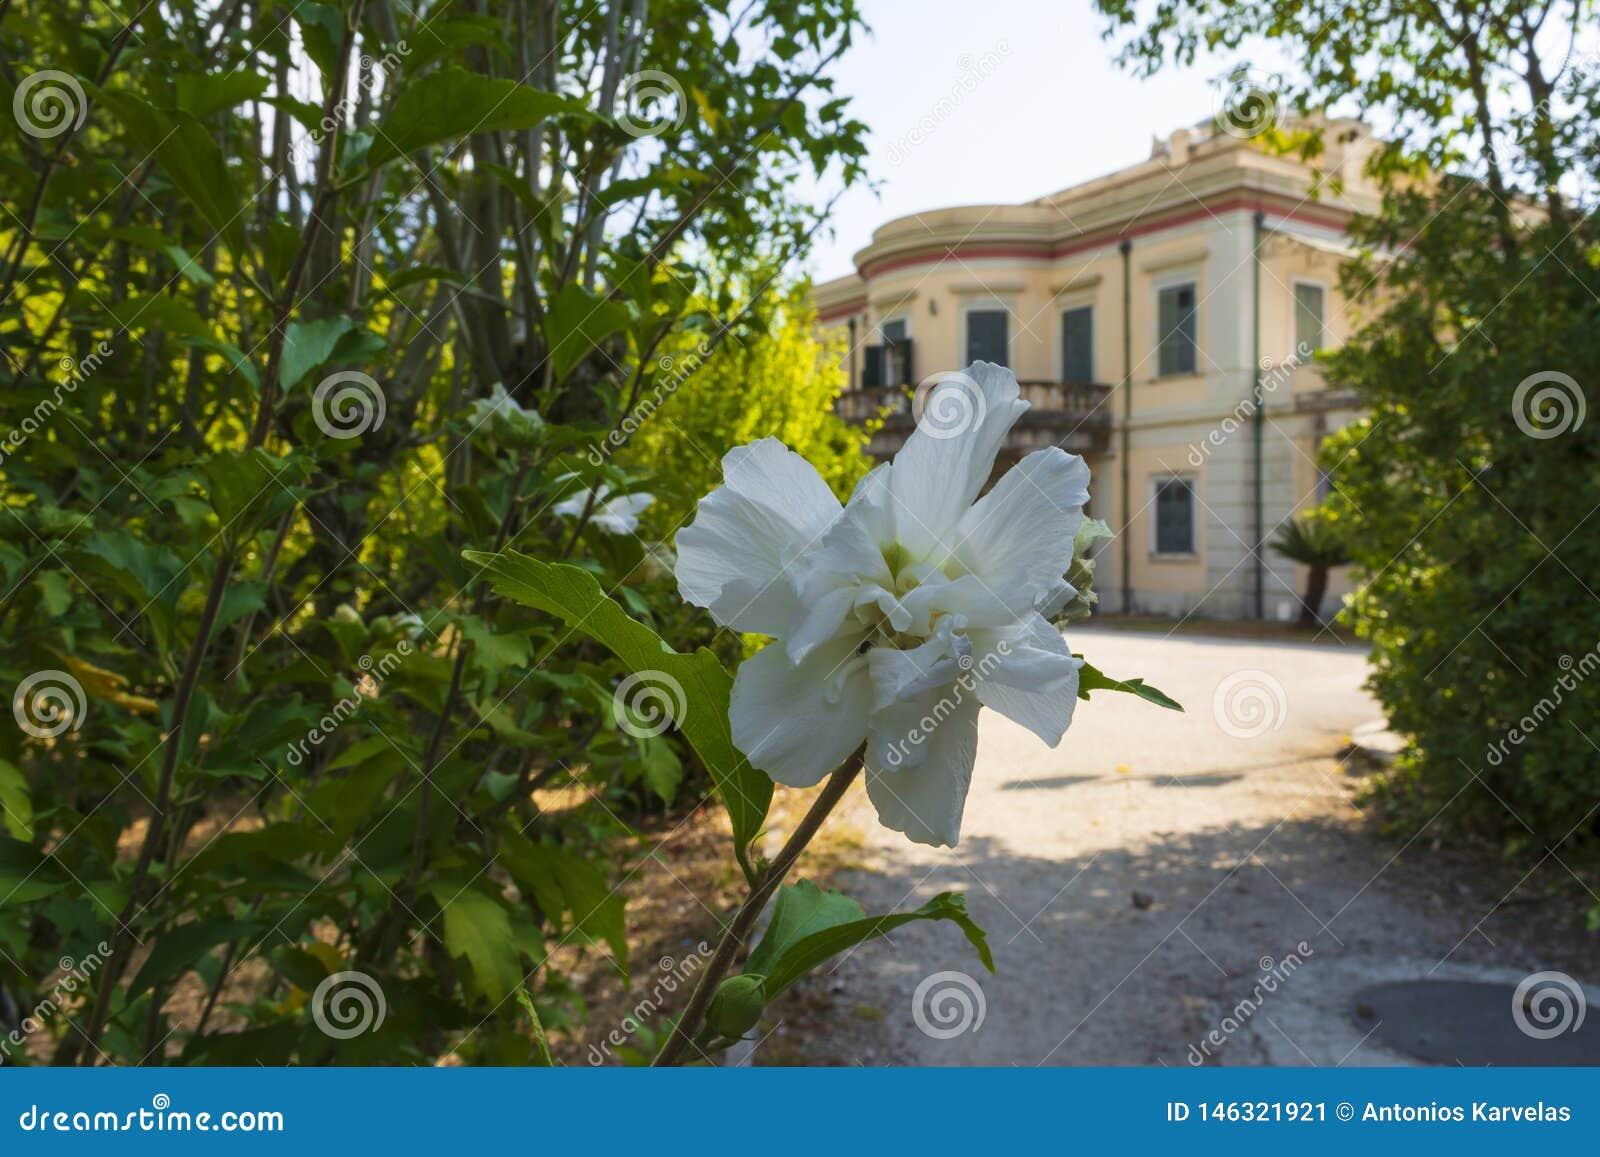 Άποψη του παλατιού Mon Repos στο νησί της Κέρκυρας, Ελλάδα